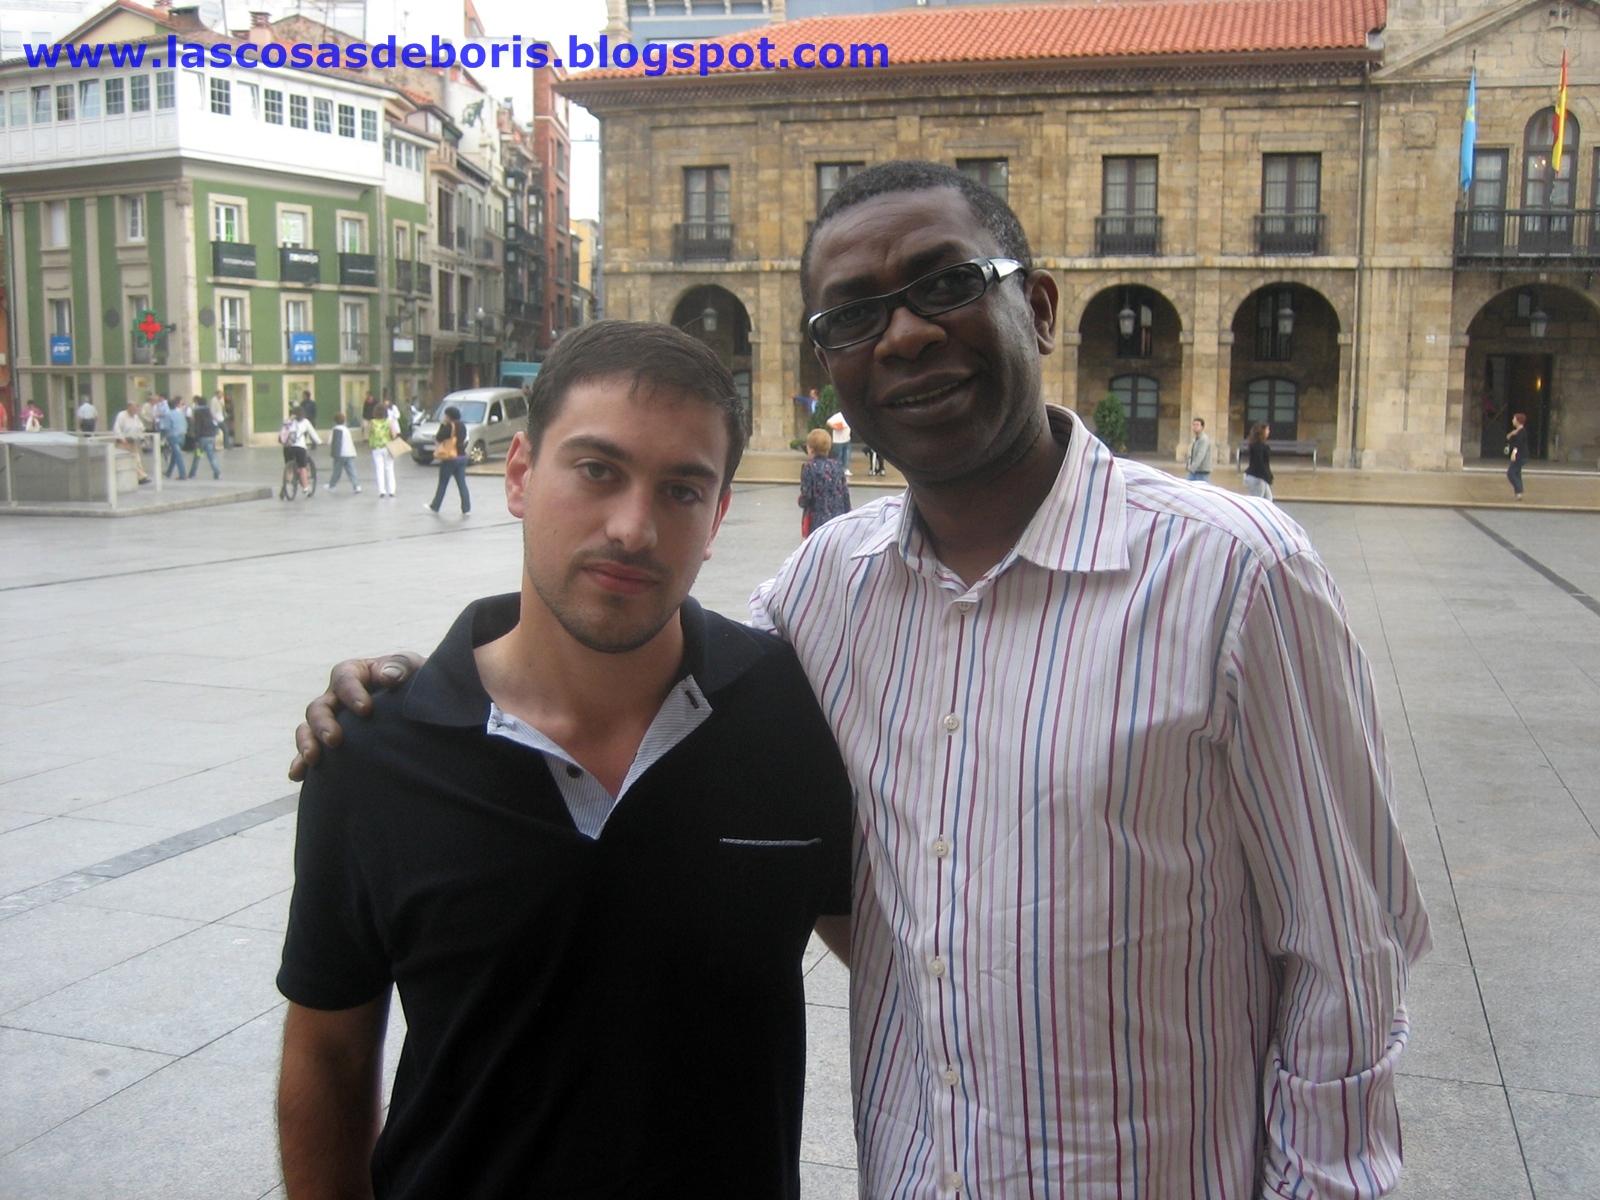 http://2.bp.blogspot.com/-A9Q8tek2oKo/UCmTLFpb7wI/AAAAAAAAG9Q/056A37z4wQ0/s1600/Con+Youssou+N\'Dour.jpg